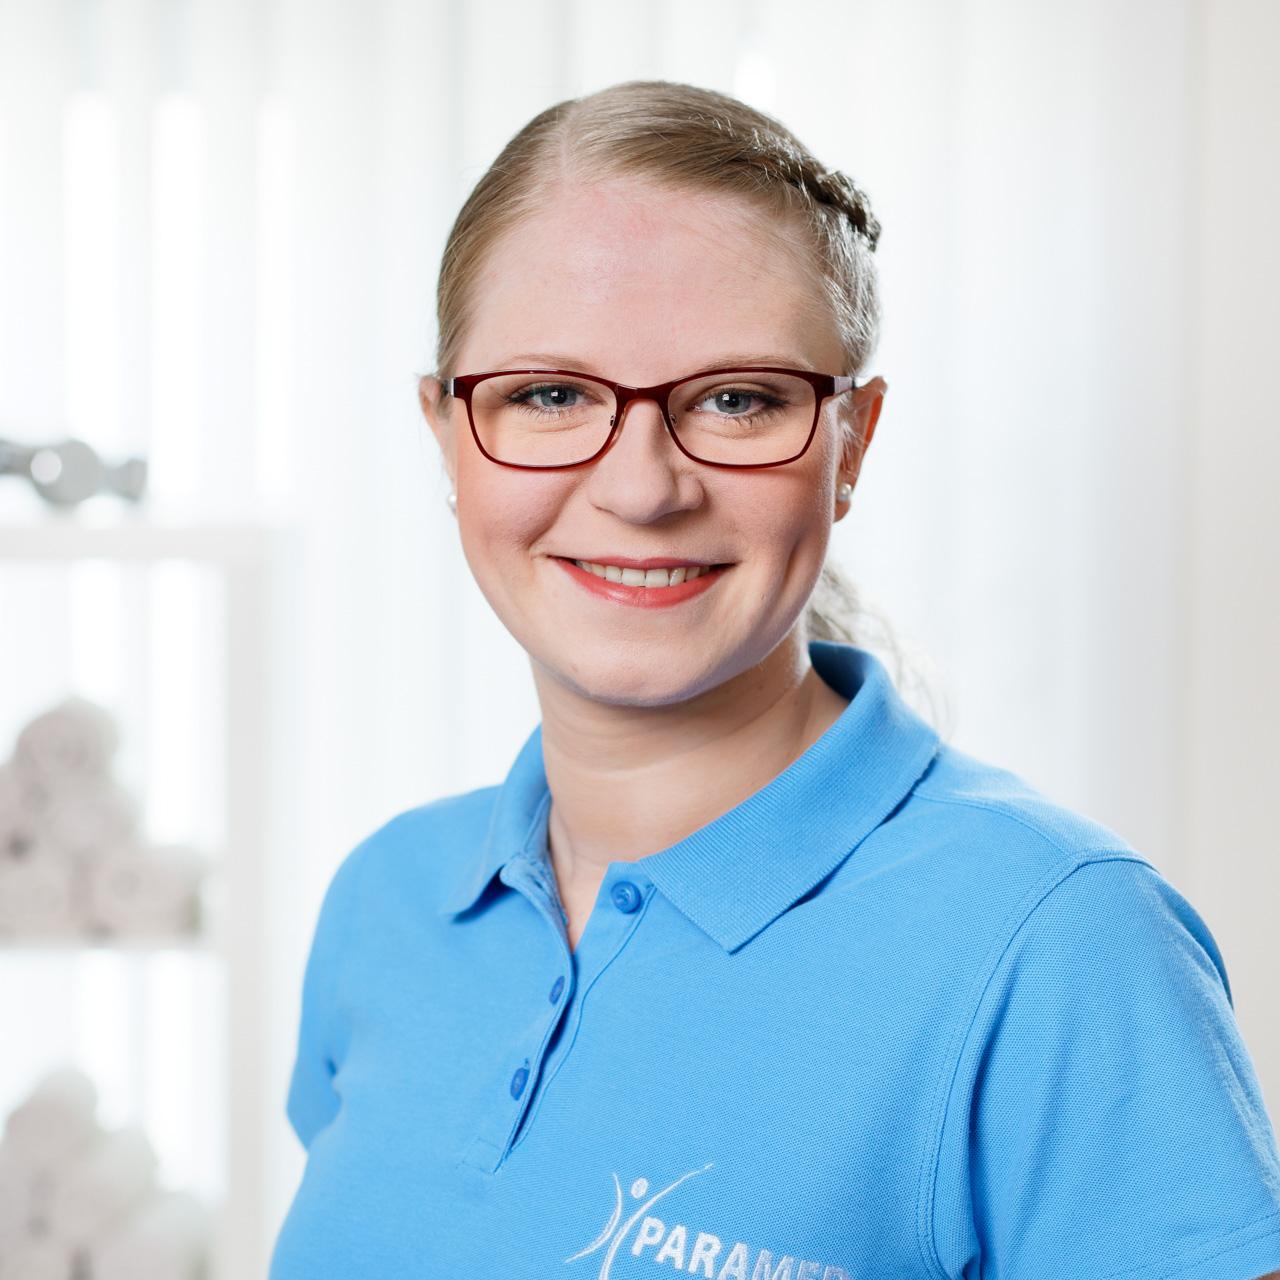 Mira Naschberger